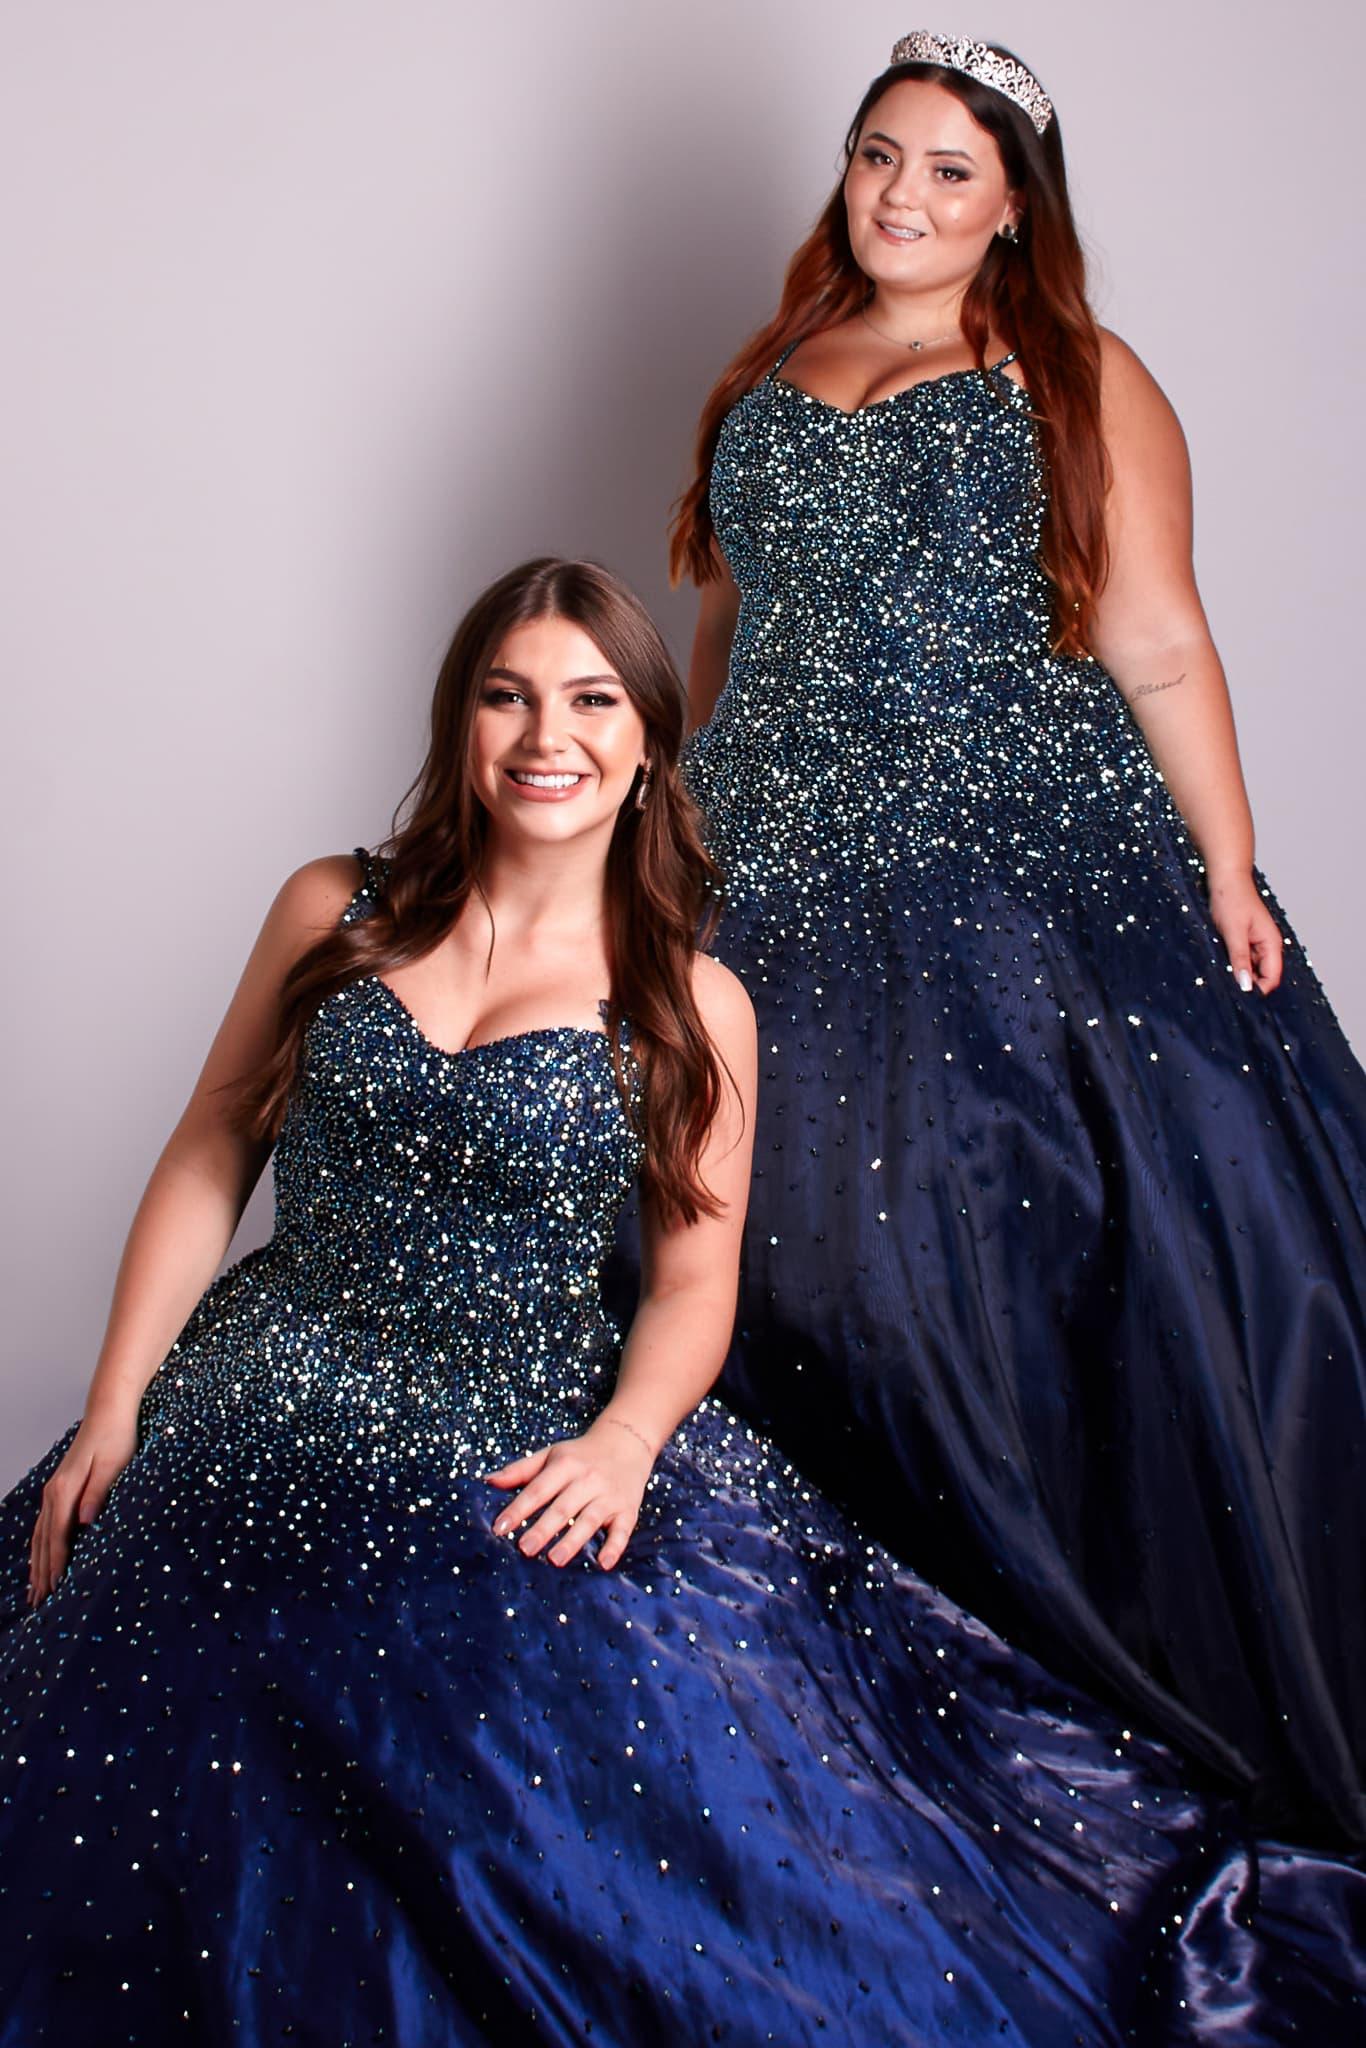 150 - Vestidos de valsa azul marinho bordados em cristais em diversas numerações